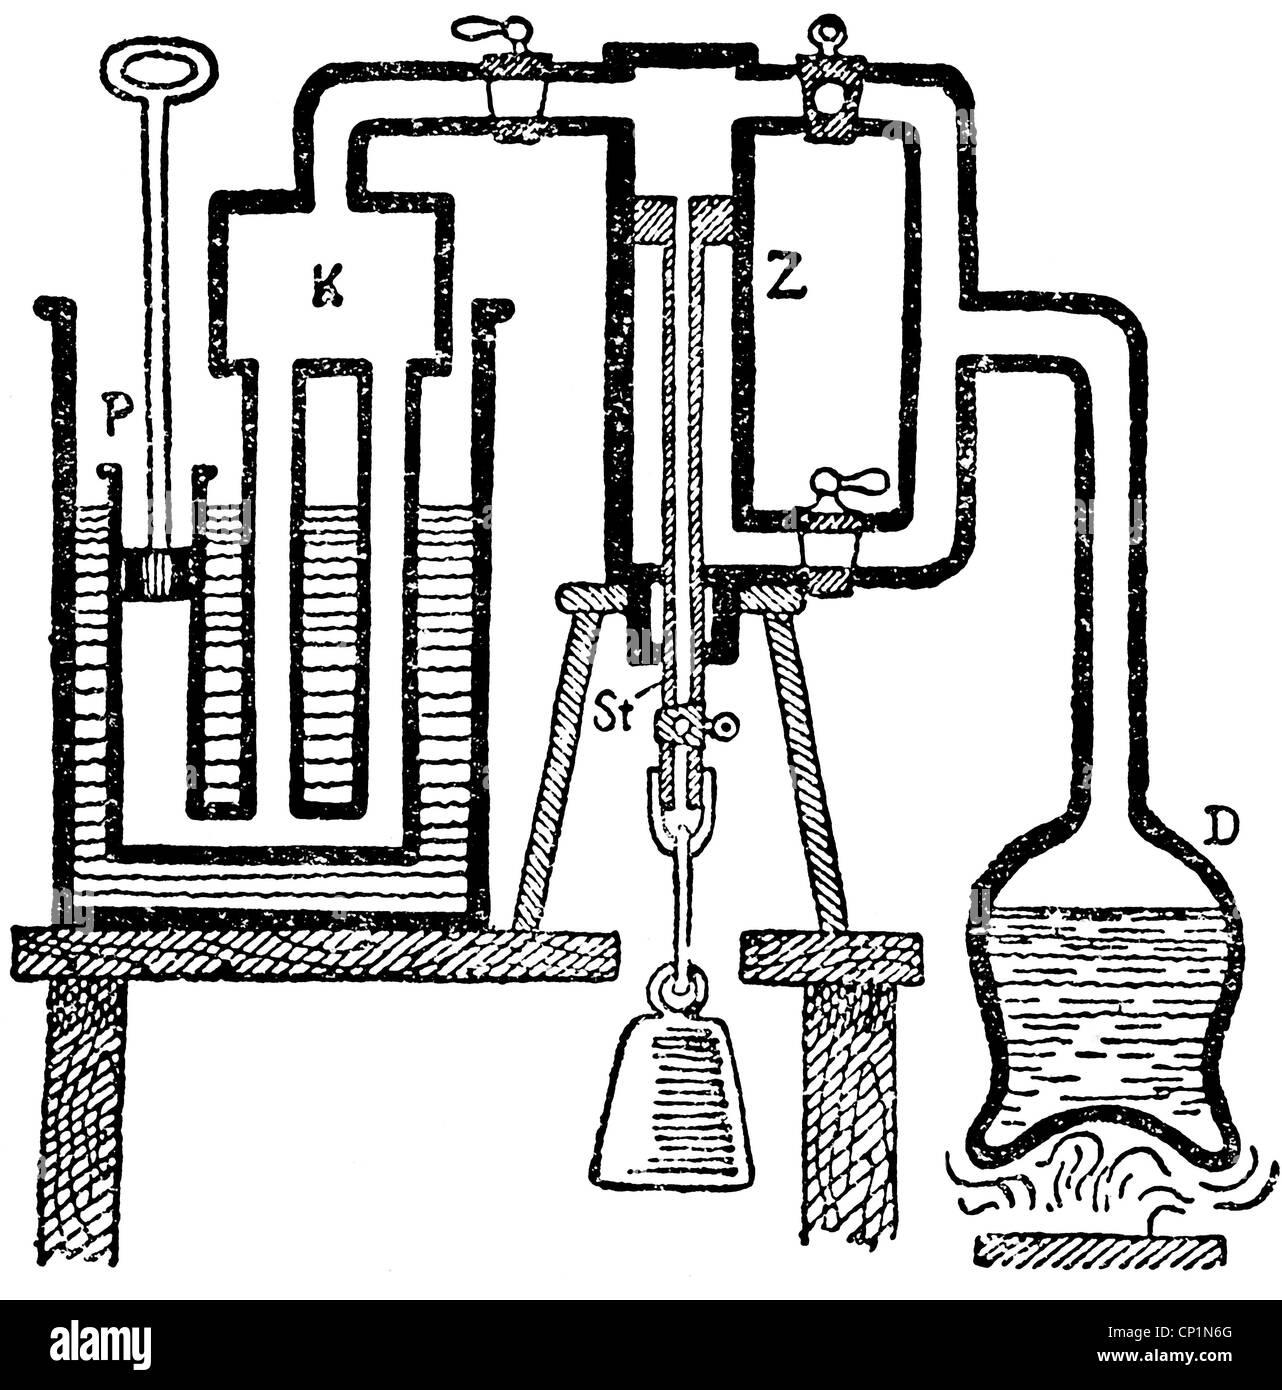 james watt steam engine diagram rebuild tecumseh carburetor 19 1 1736 25 8 1819 schottischer ingenieur